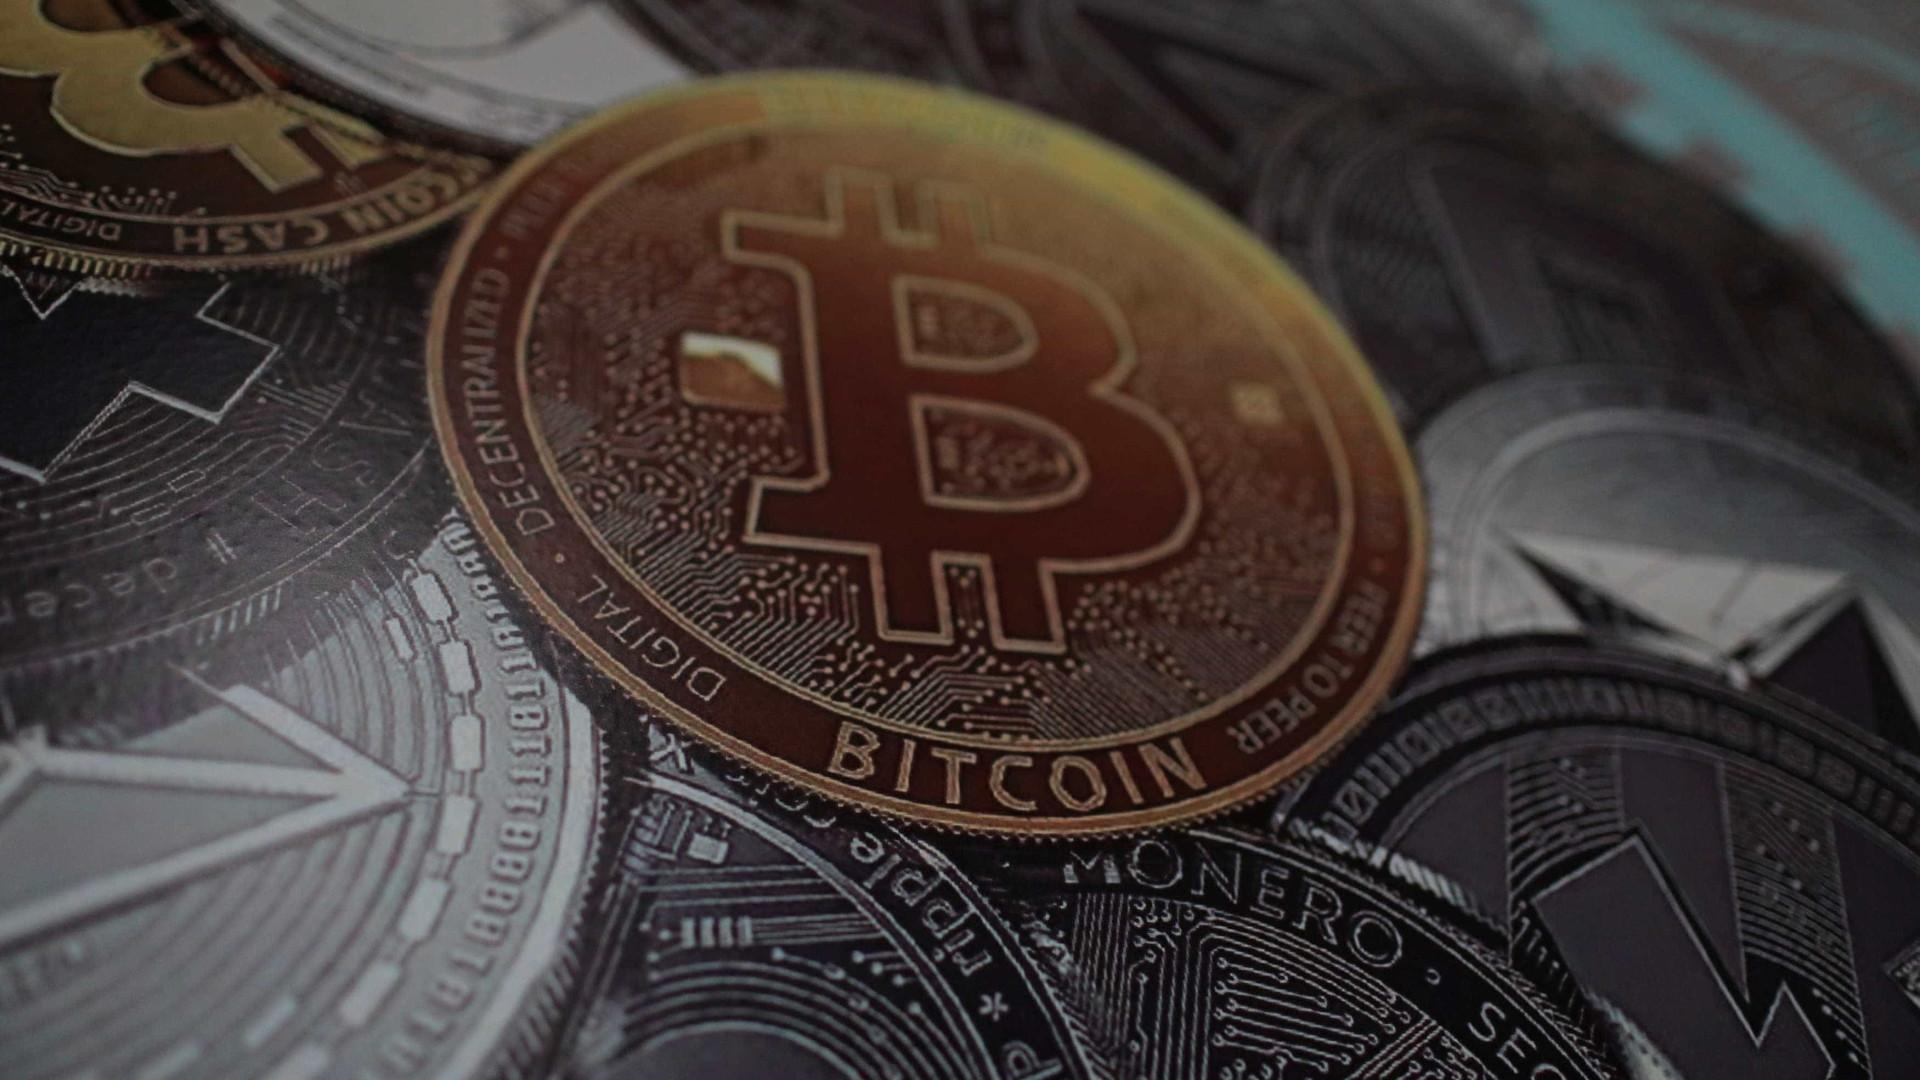 Analistas preveem queda drástica do bitcoin